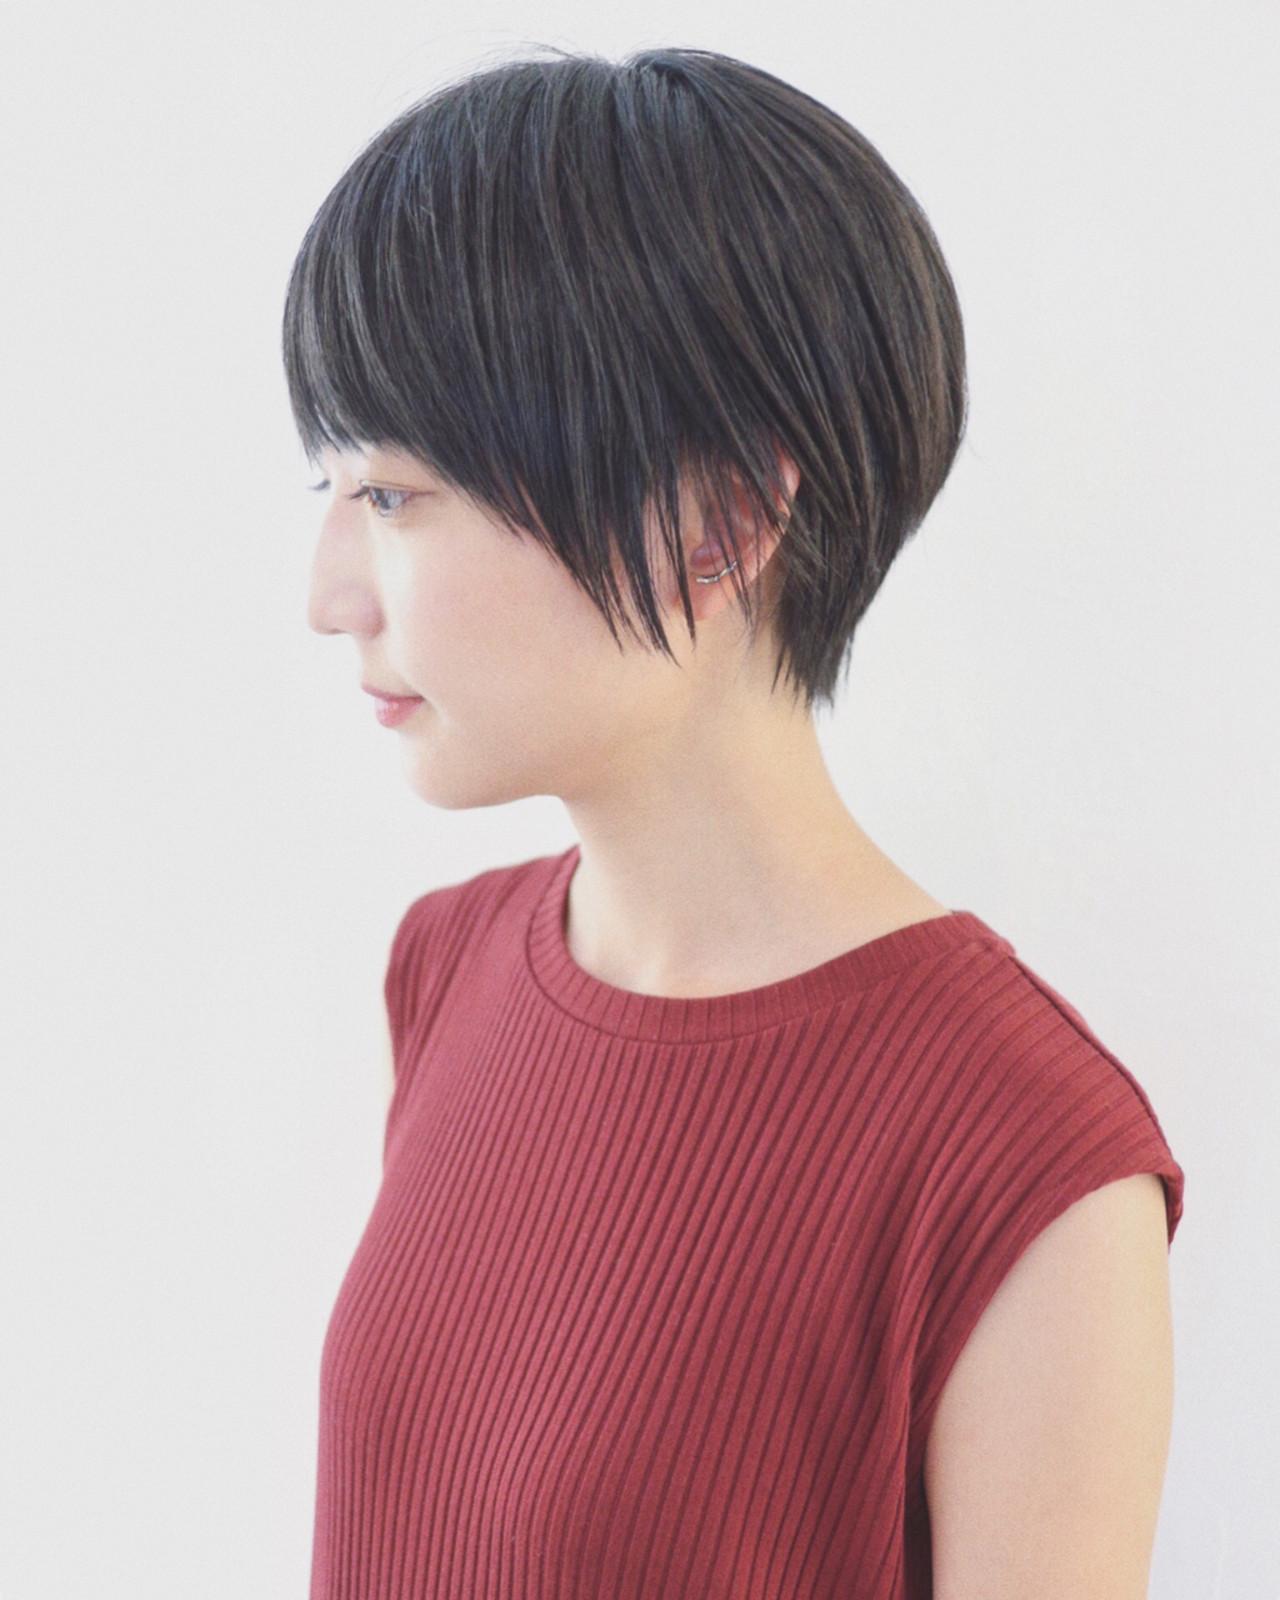 ナチュラル 黒髪 ストレート ショート ヘアスタイルや髪型の写真・画像